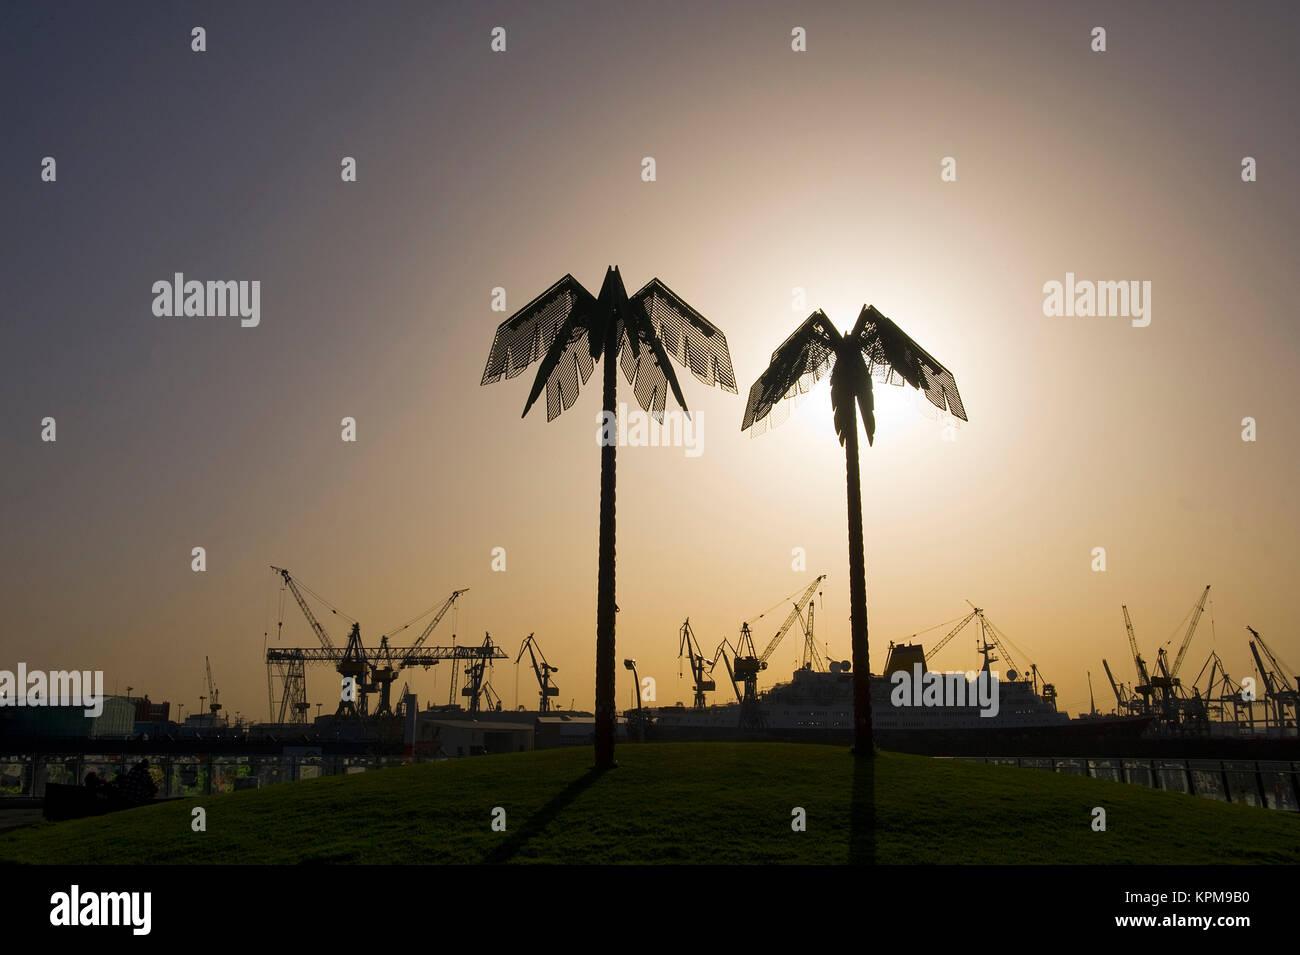 Hamburg, eine der schönsten und beliebtesten Reiseziele der Welt. Künstliche Palmen, Park Fiction, St. Pauli Stockfoto